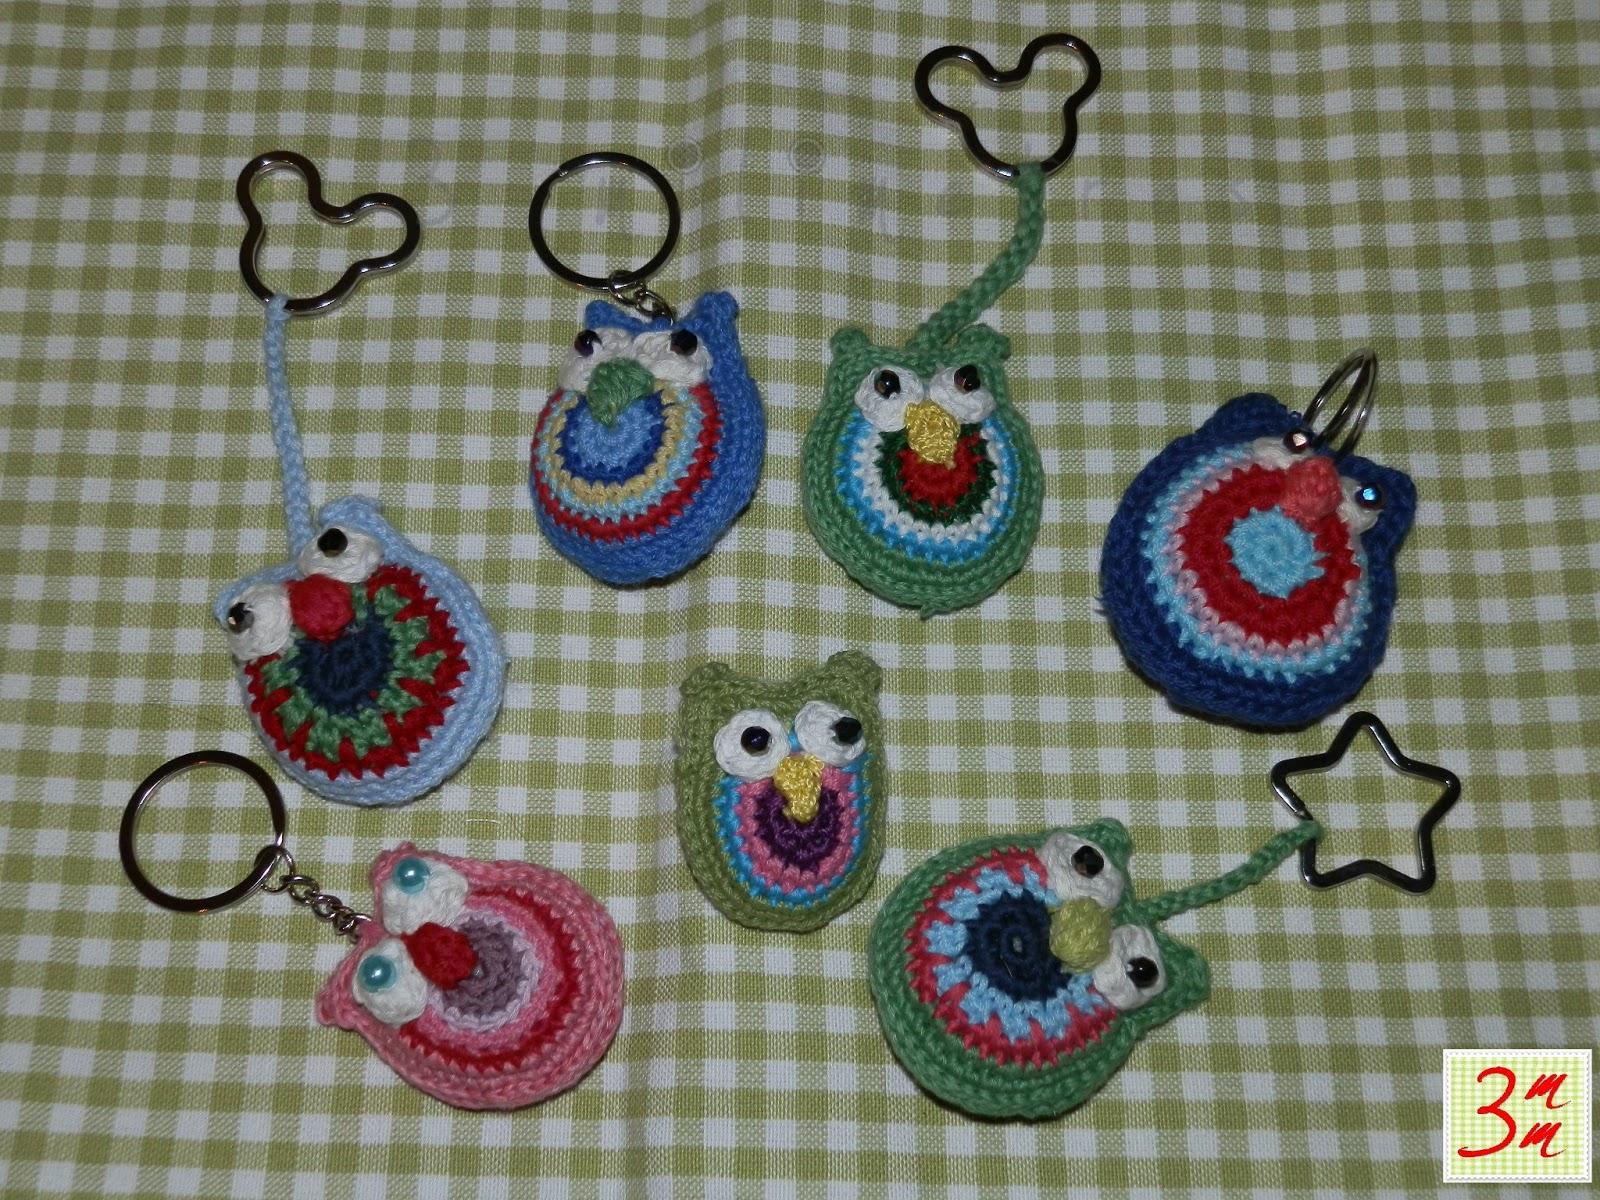 3mm (3 milímetros): Buhos de crochet